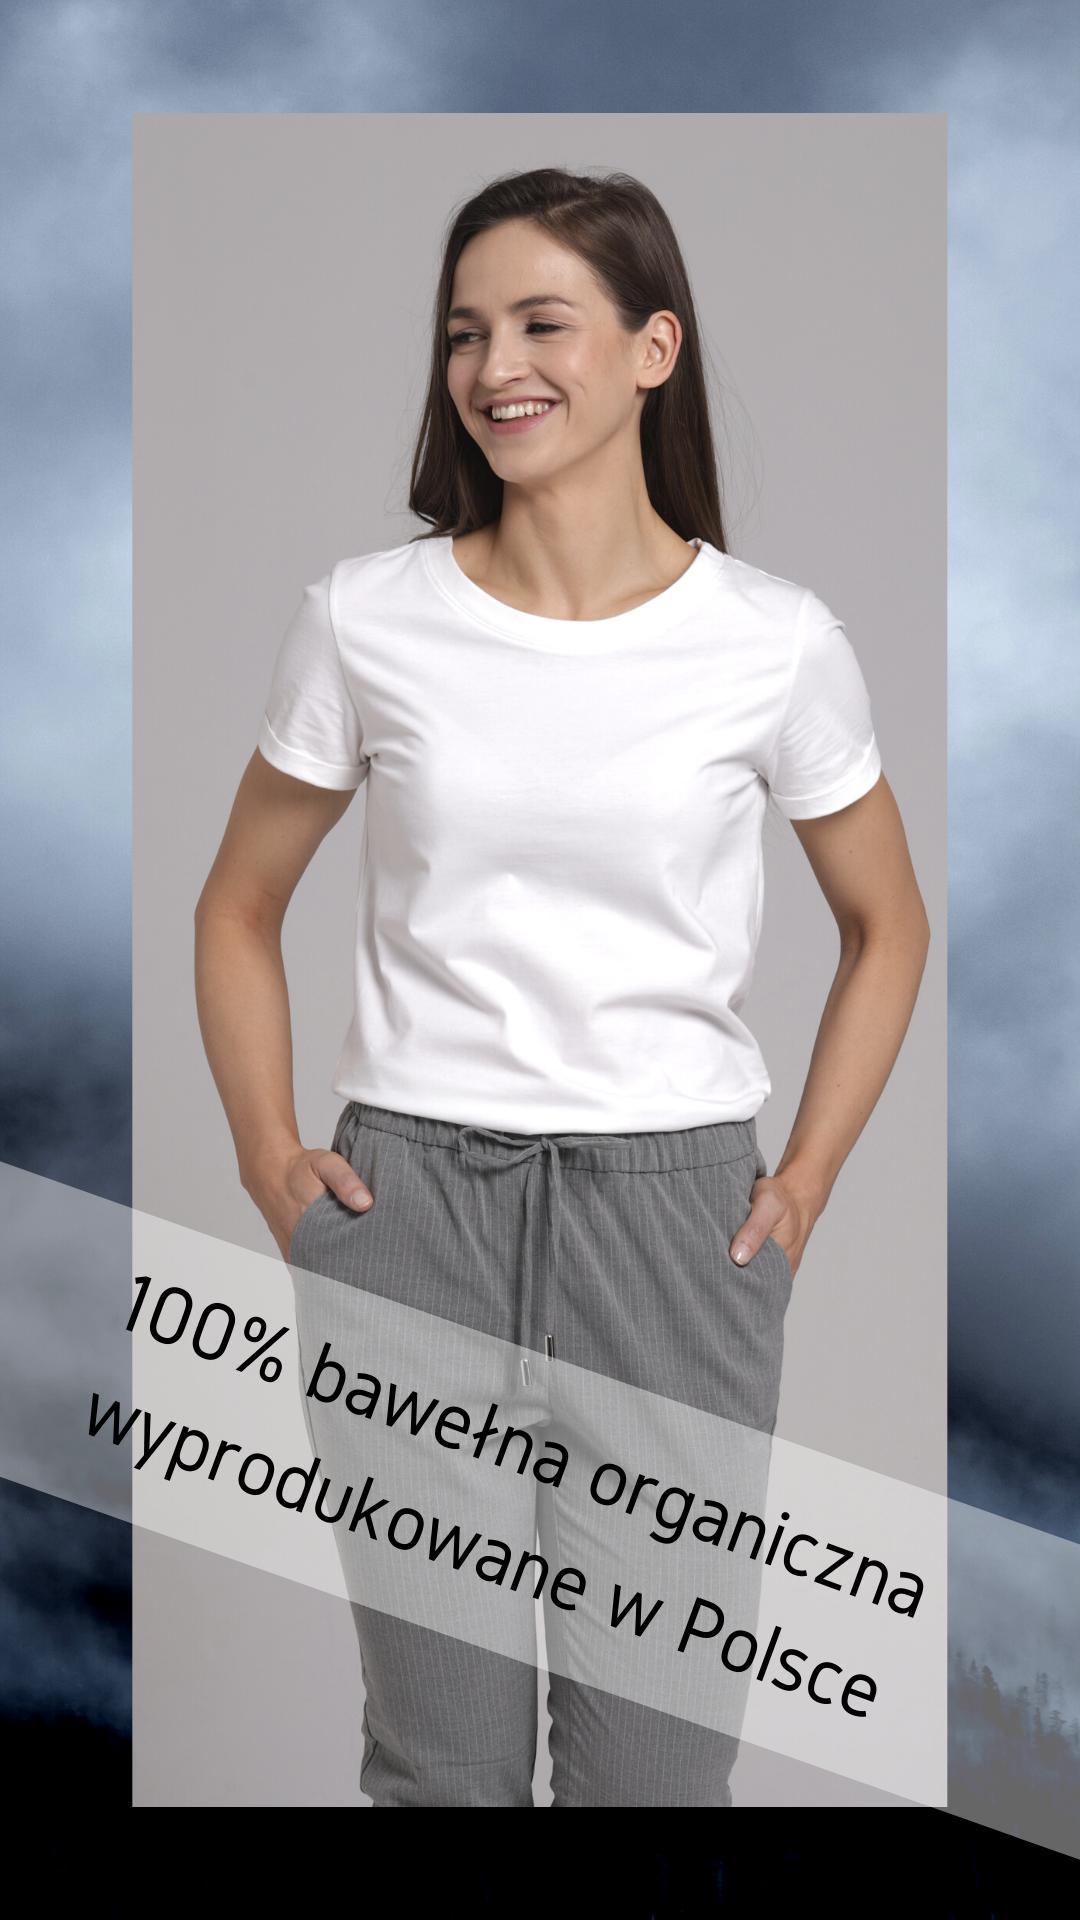 100% bawełna organiczna Nasz t-shirt został stworzony w 100% z bawełny organicznej. Ta której używamy posiada certyfikat GOTS. Oznacza to, że jej produkcja jest pod ścisłą kontrolą organizacji certyfikującej, dbającej nie tylko o aspekt ekologiczny, ale także o sprawiedliwość i bezpieczne warunki pracy ludzi zaangażowanych w proces produkcji. uszyte w Polsce Przygotowaliśmy ten produkt w Polsce - staramy się w jak największym stopniu realizować proces produkcji w naszym kraju. Uważamy, że wspieranie lokalnej gospodarki to ważny element pracy organicznej i społecznego zaangażowania. Każdy z naszych produktów jest ręcznie wykończony przez doświadczonych krawców z polskich zakładów. 160 g Gramatura to ilość materiału przypadająca na 1 metr dzianiny wyrażona w gramach. Do stworzenia tego produktu wybraliśmy bawełnę o wysokiej gramaturze, co czyni go bardziej trwałym i wytrzymałym. Naszym priorytetem jest satysfakcja użytkownika, który cieszy się naszymi rzeczami jak najdłużej bez konieczno